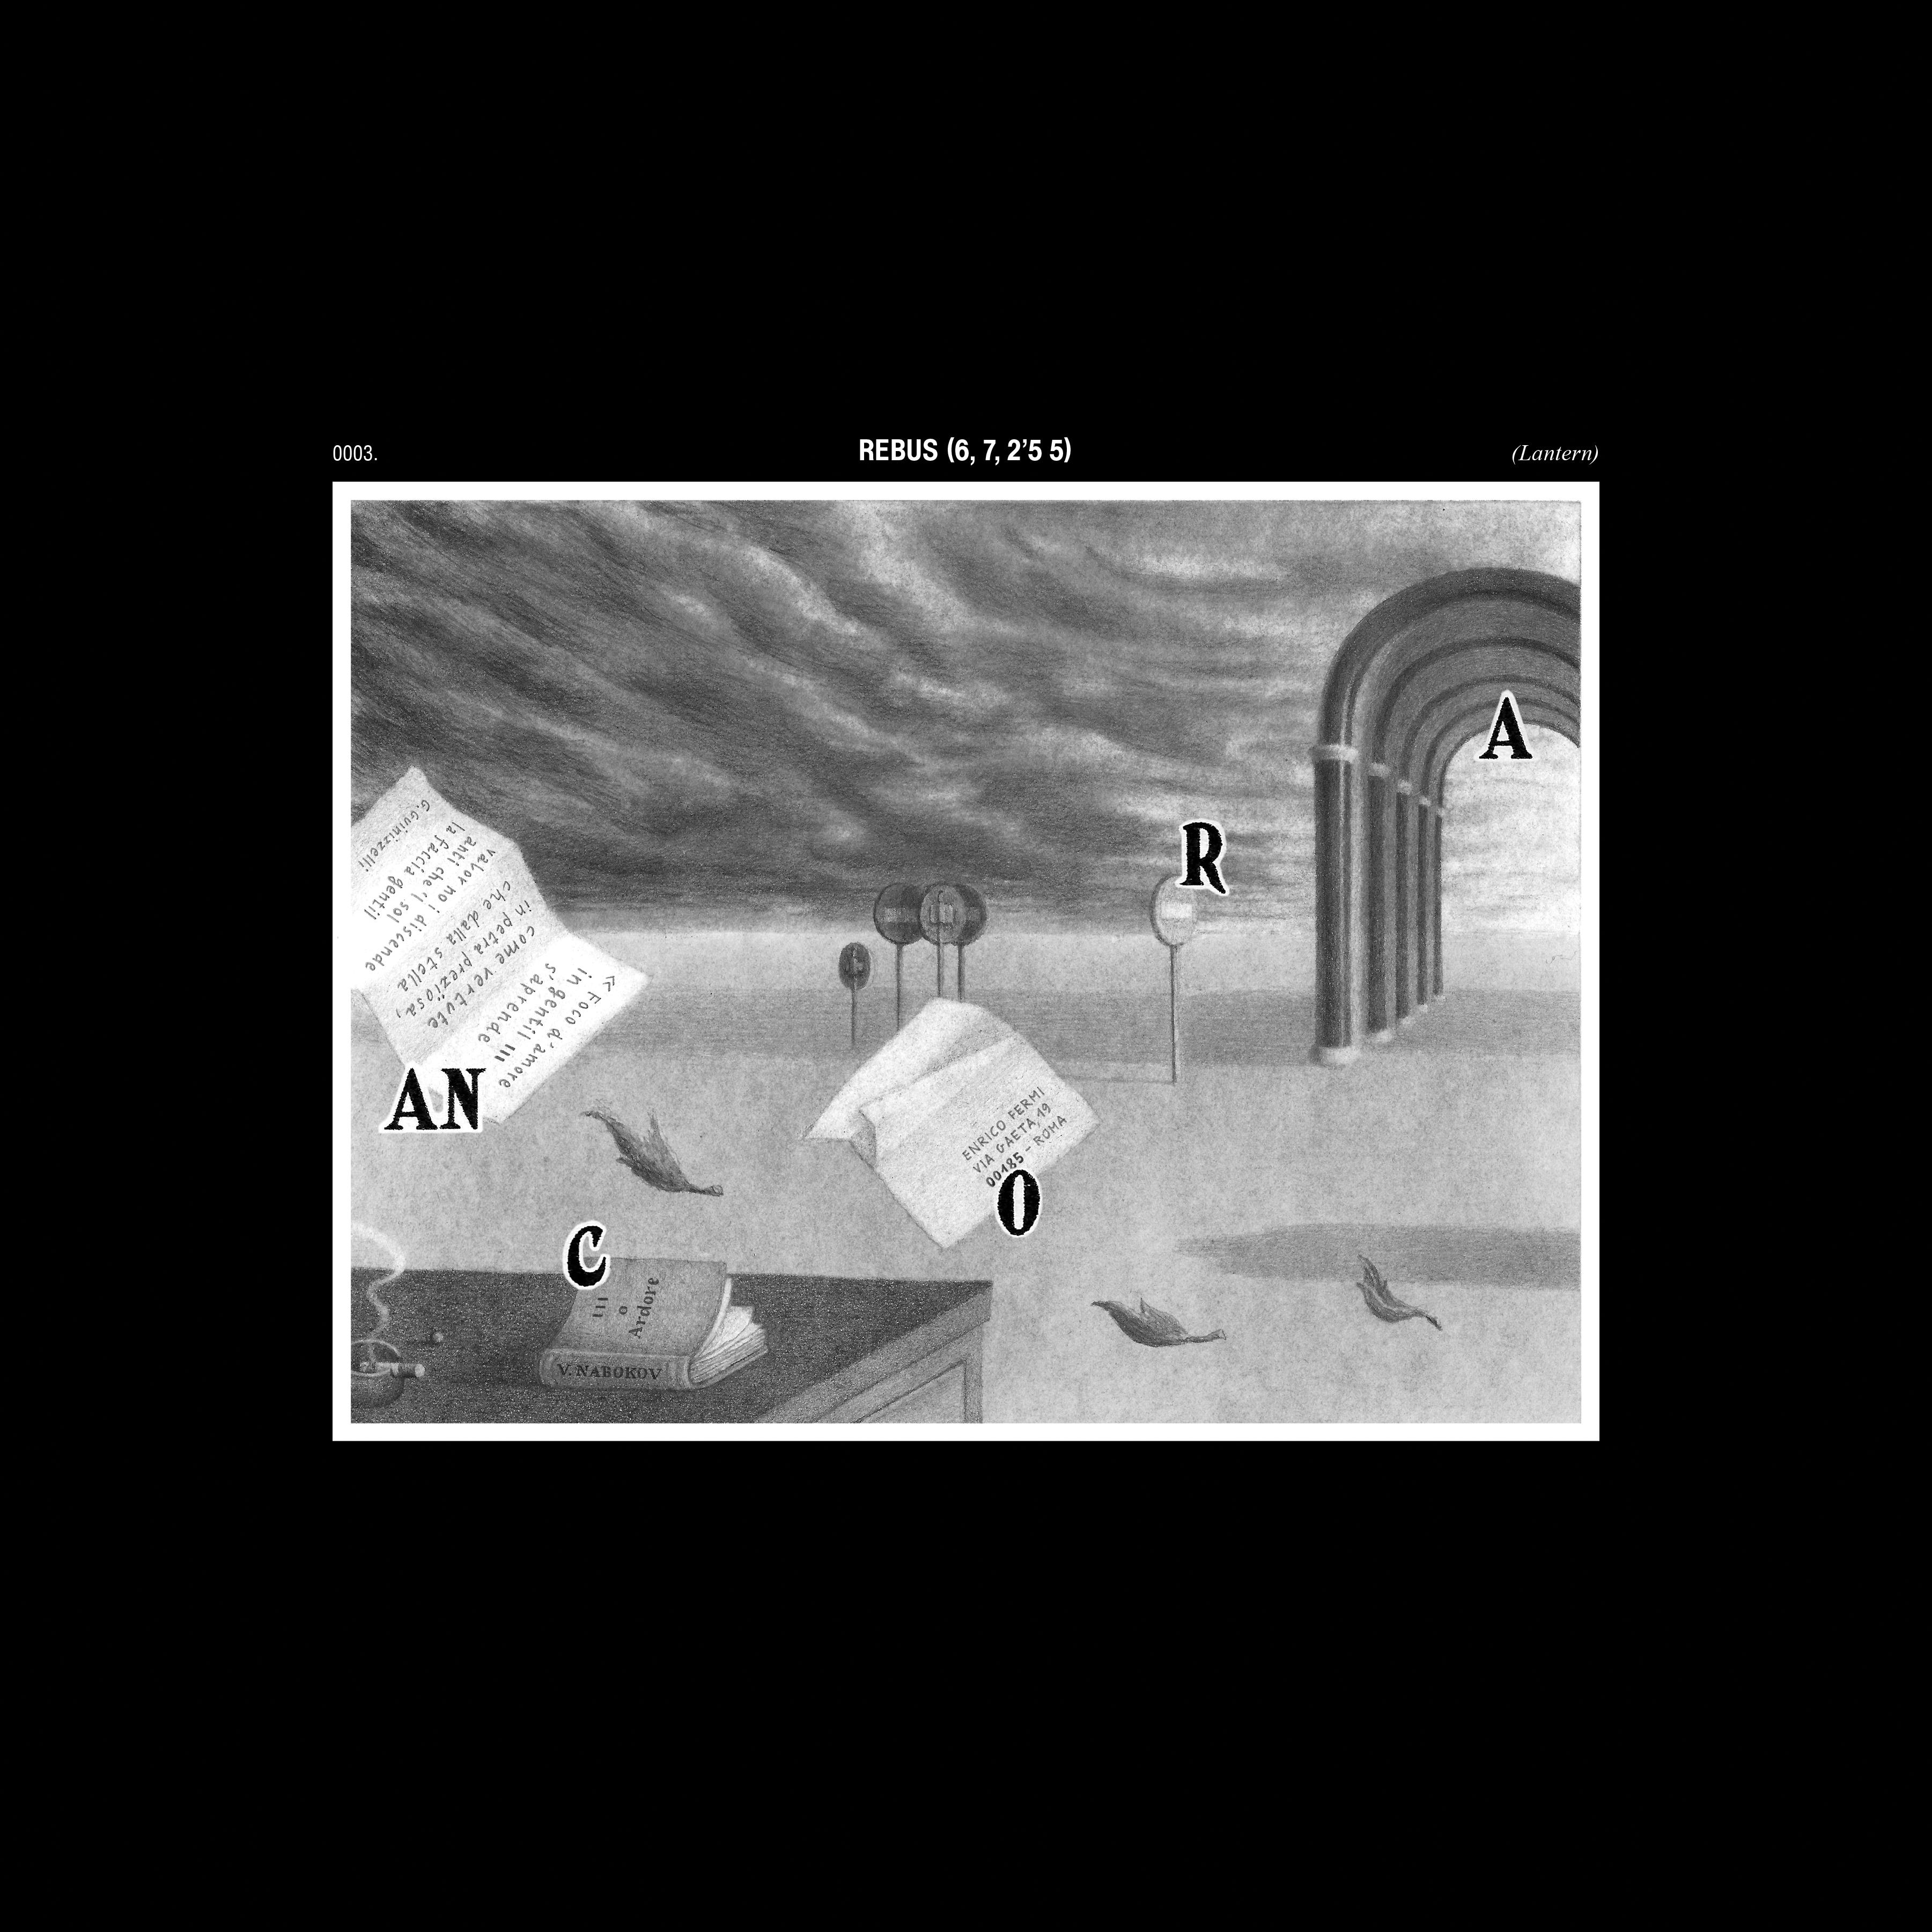 Lantern - Ancóra LP